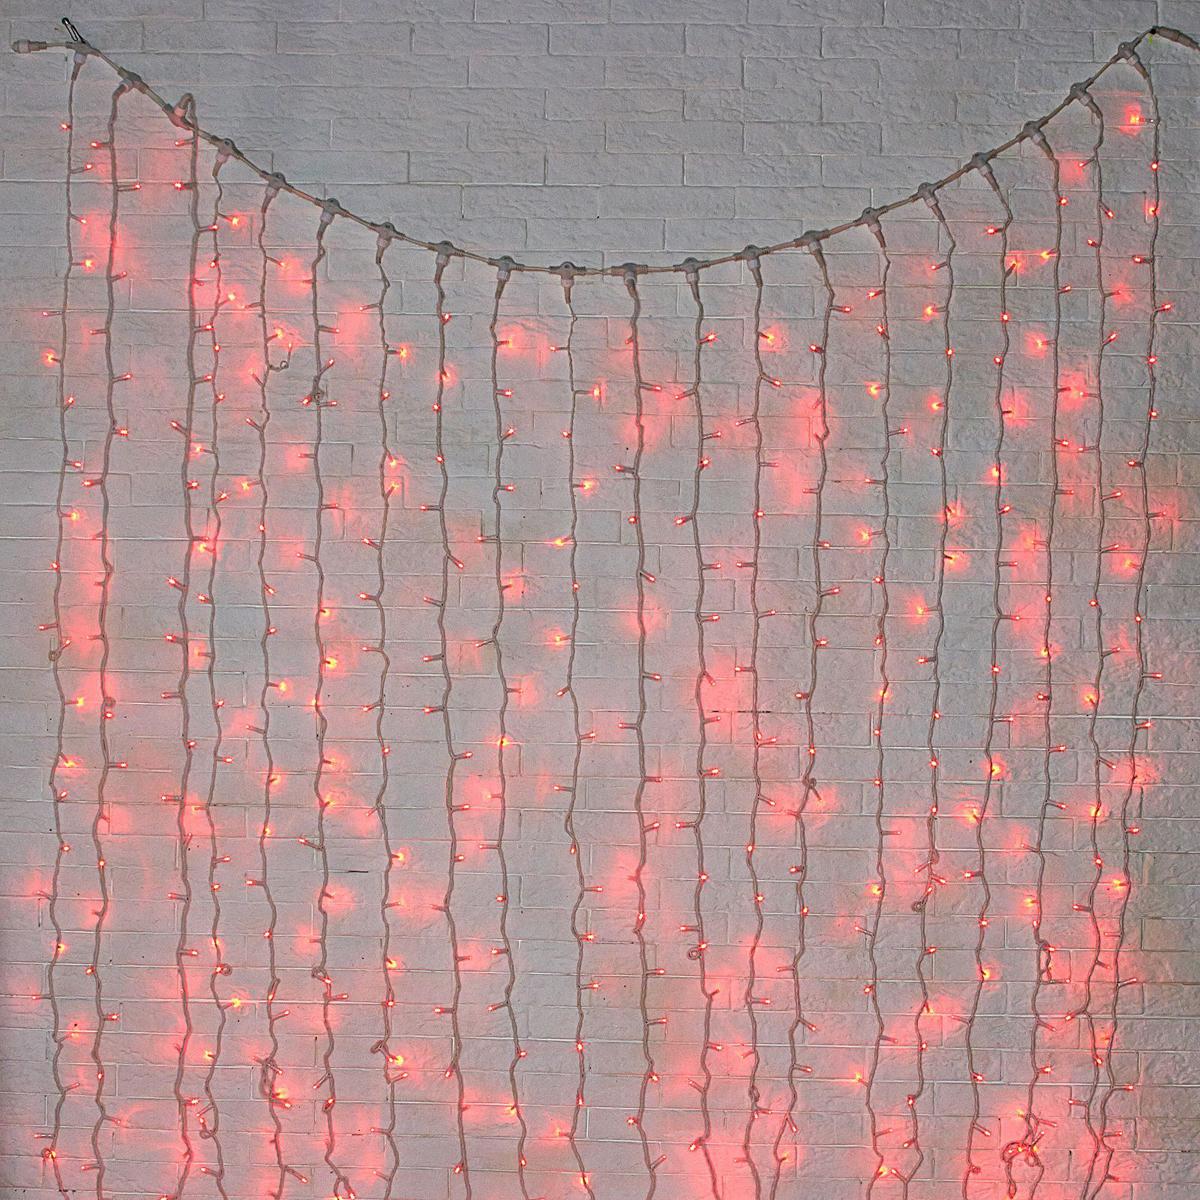 Гирлянда светодиодная Luazon Занавес, цвет: красный, уличная, 760 ламп, 220 V, 2 х 3 м. 10802221080222Светодиодные гирлянды и ленты — это отличный вариант для новогоднего оформления интерьера или фасада. С их помощью помещение любого размера можно превратить в праздничный зал, а внешние элементы зданий, украшенные ими, мгновенно станут напоминать очертания сказочного дворца. Такие украшения создают ауру предвкушения чуда. Деревья, фасады, витрины, окна и арки будто специально созданы, чтобы вы украсили их светящимися нитями.